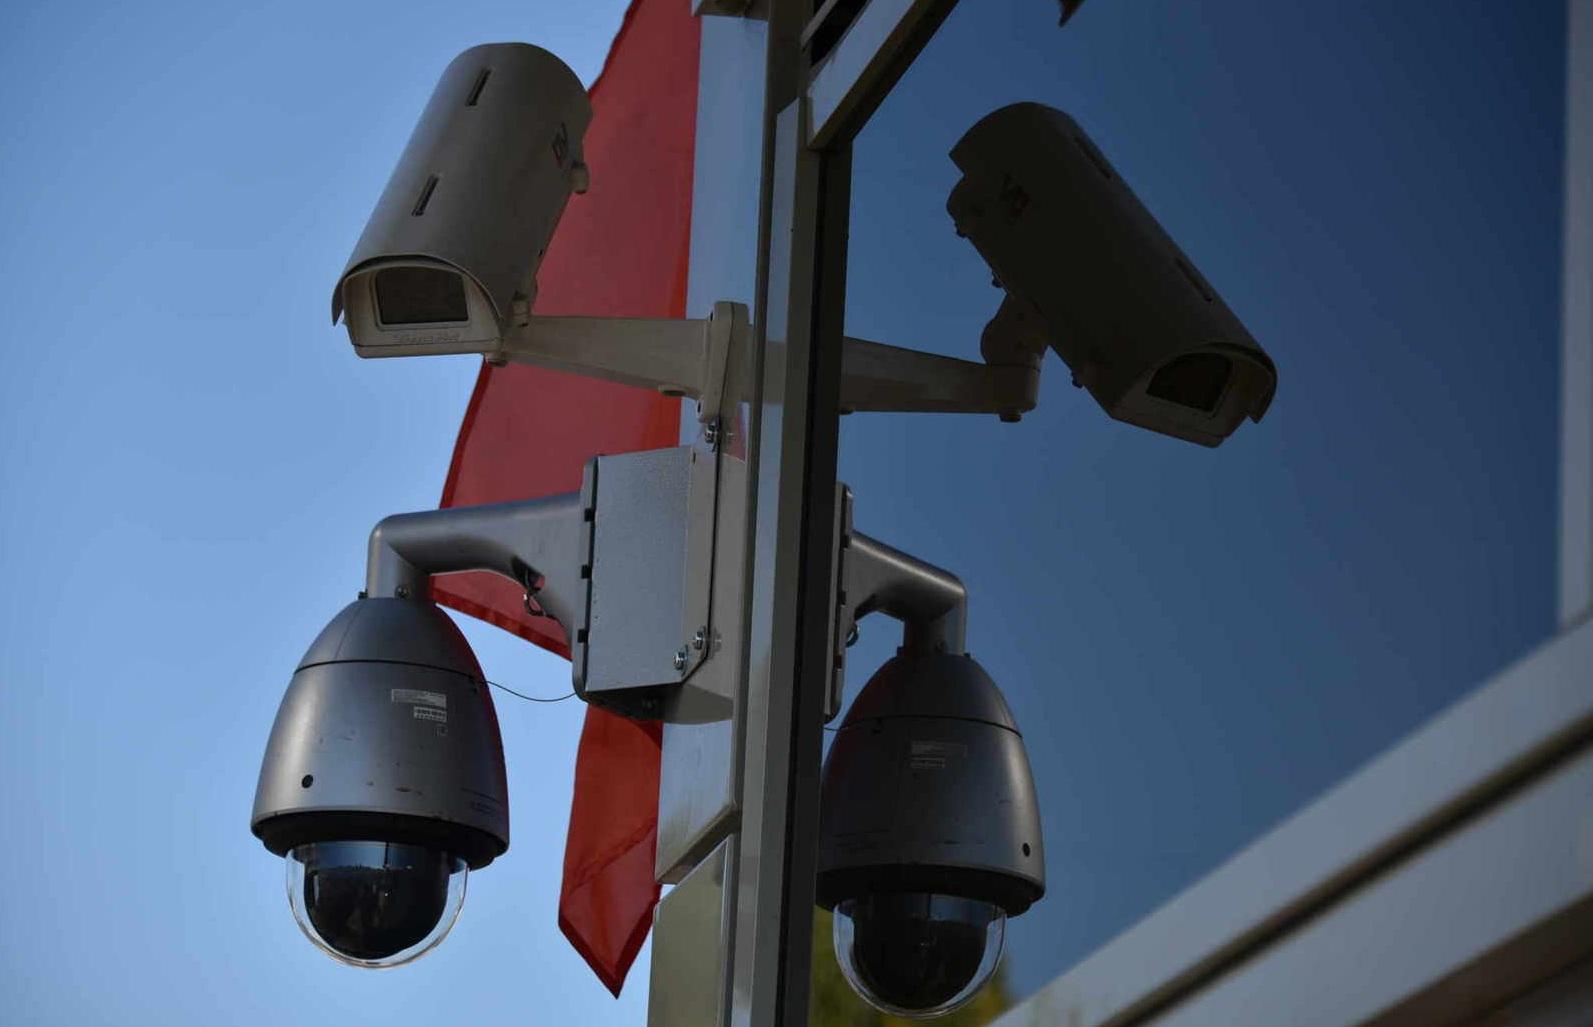 В Москве камеры начнут фиксировать автомобили, на которые не оформлены полисы ОСАГО. Фото: Владимир Новиков